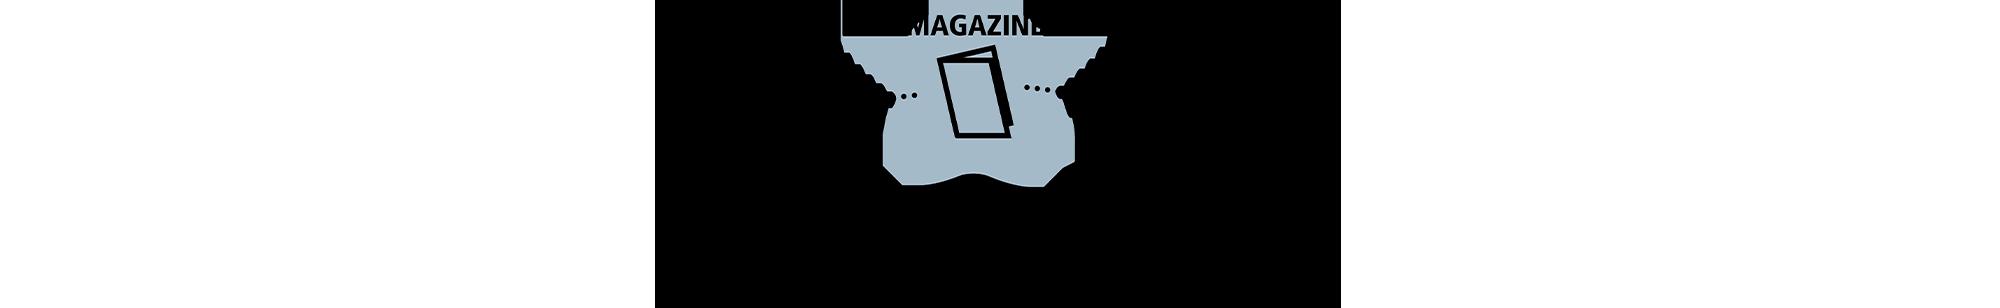 Esempio di utilizzo del magazine aziendale